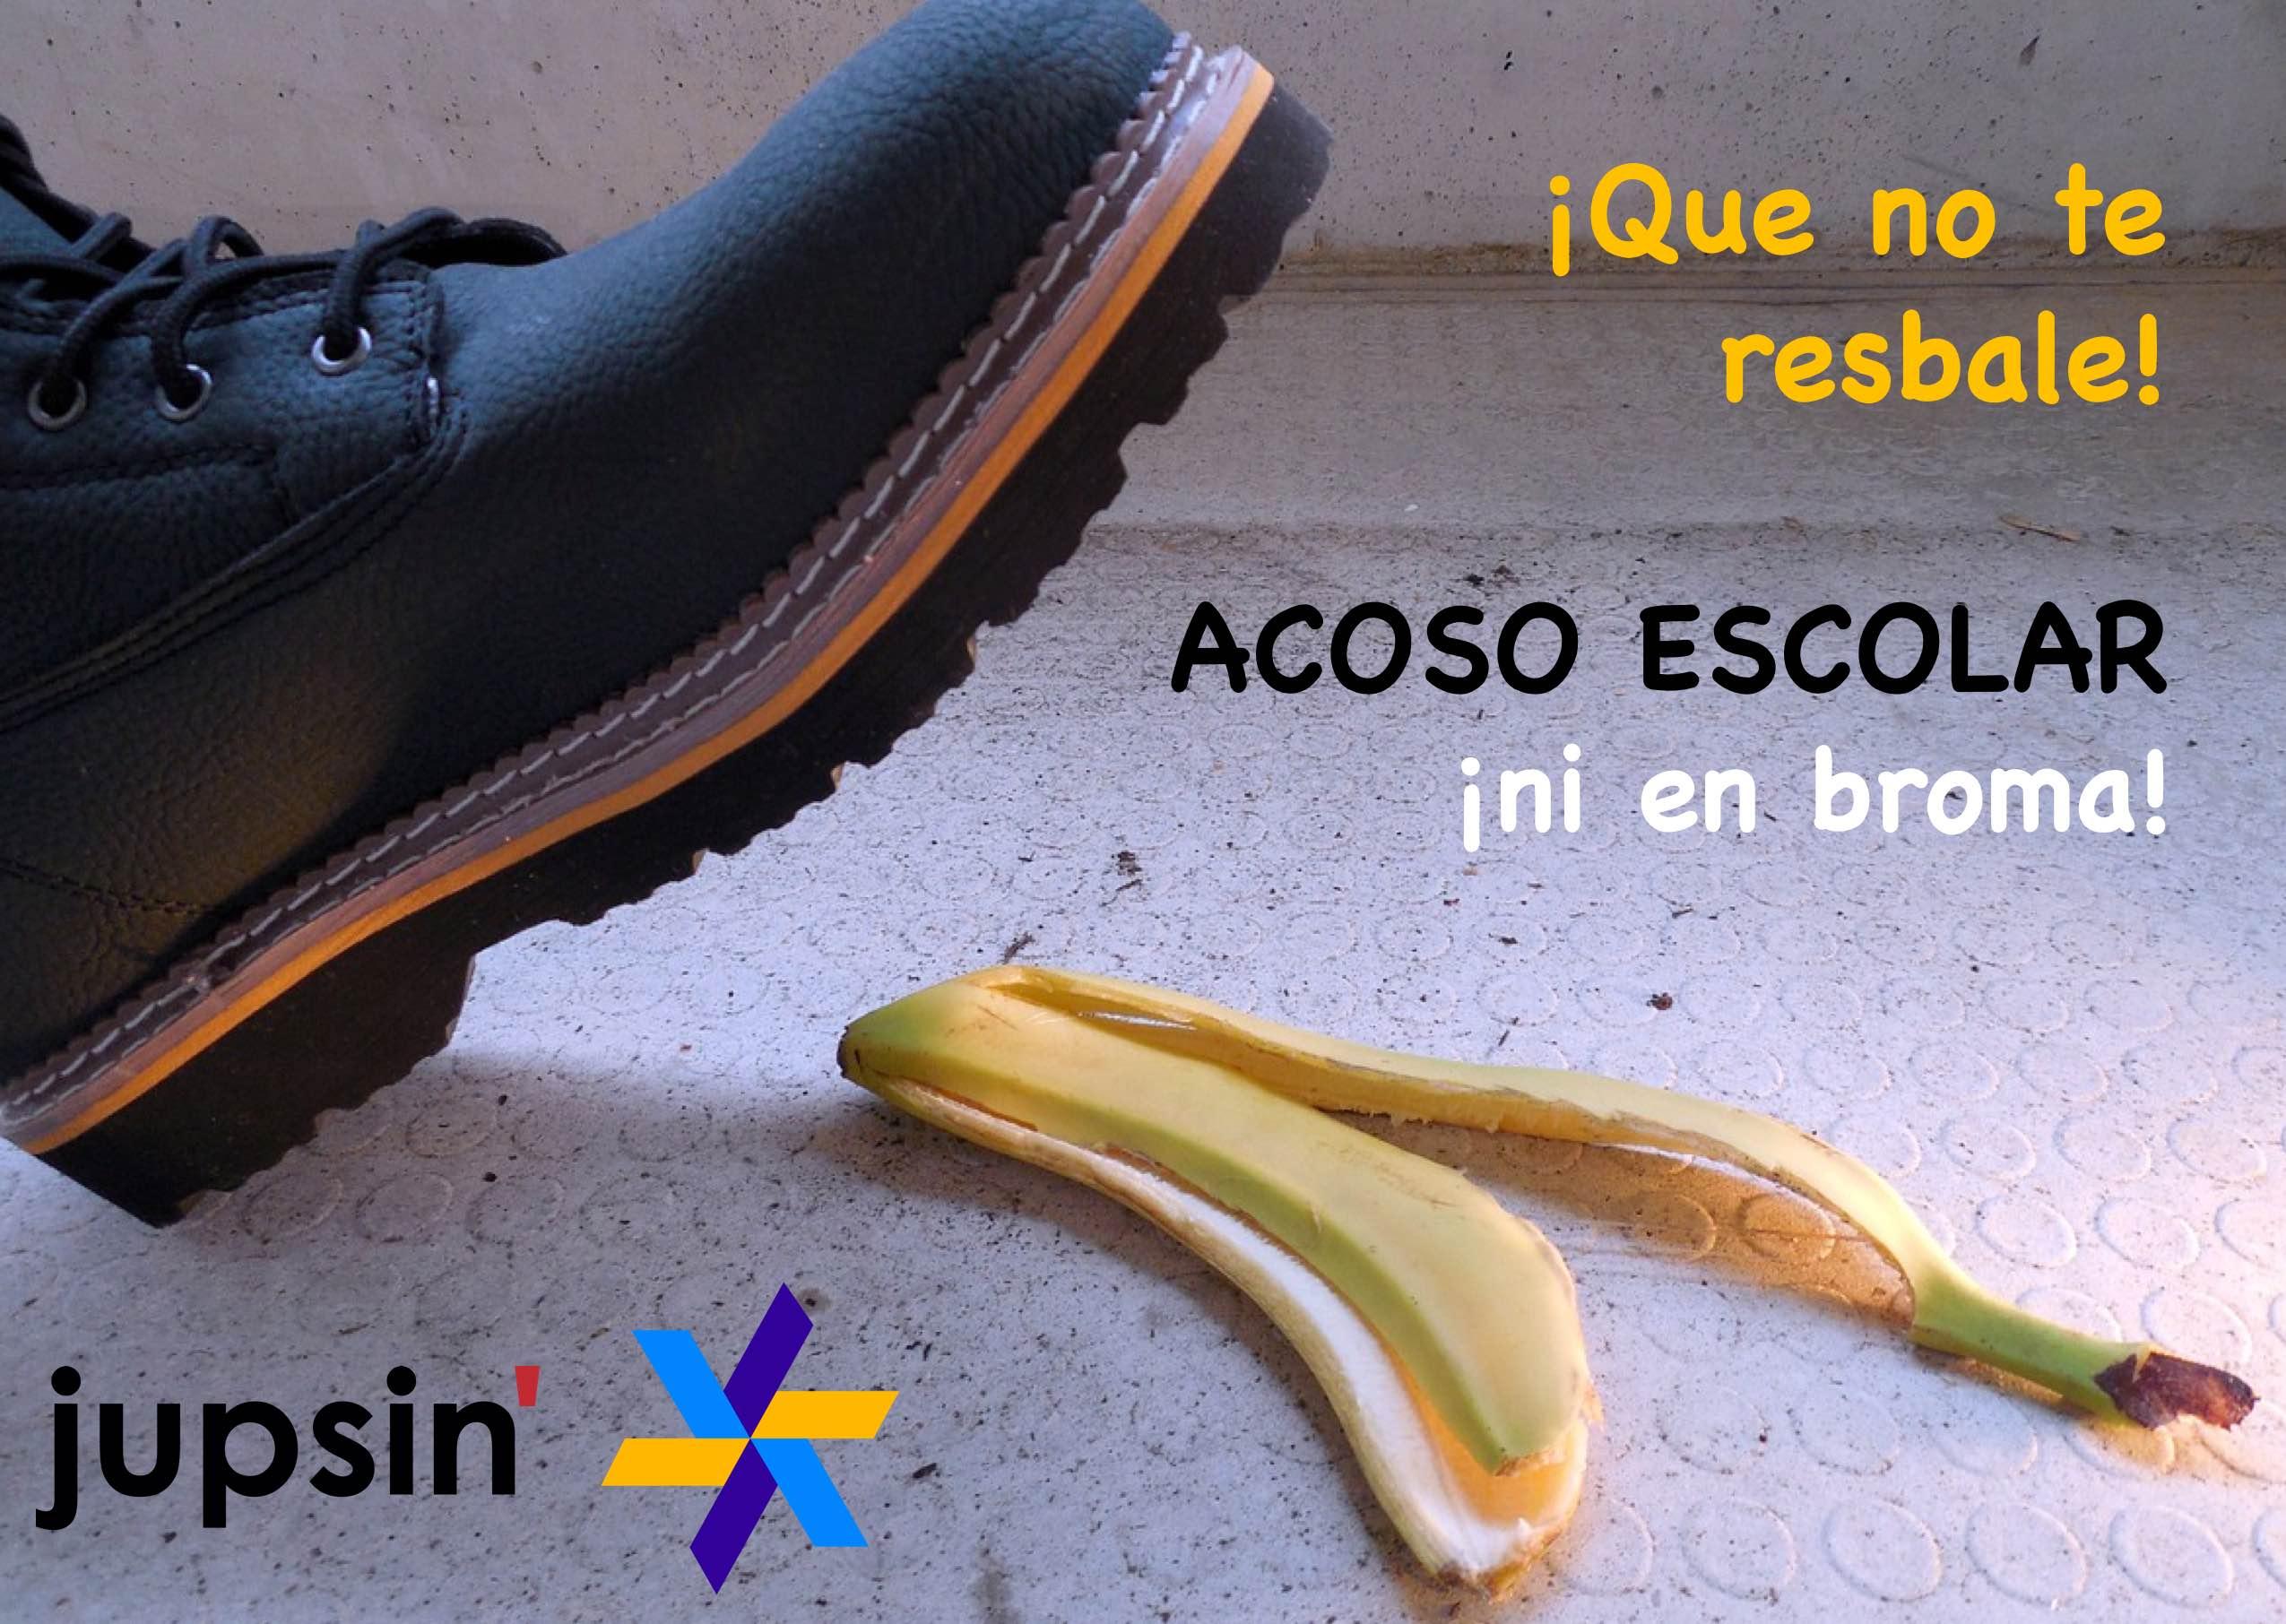 Acoso escolar, que no te resbale, jupsin.com, Colegio Castilla